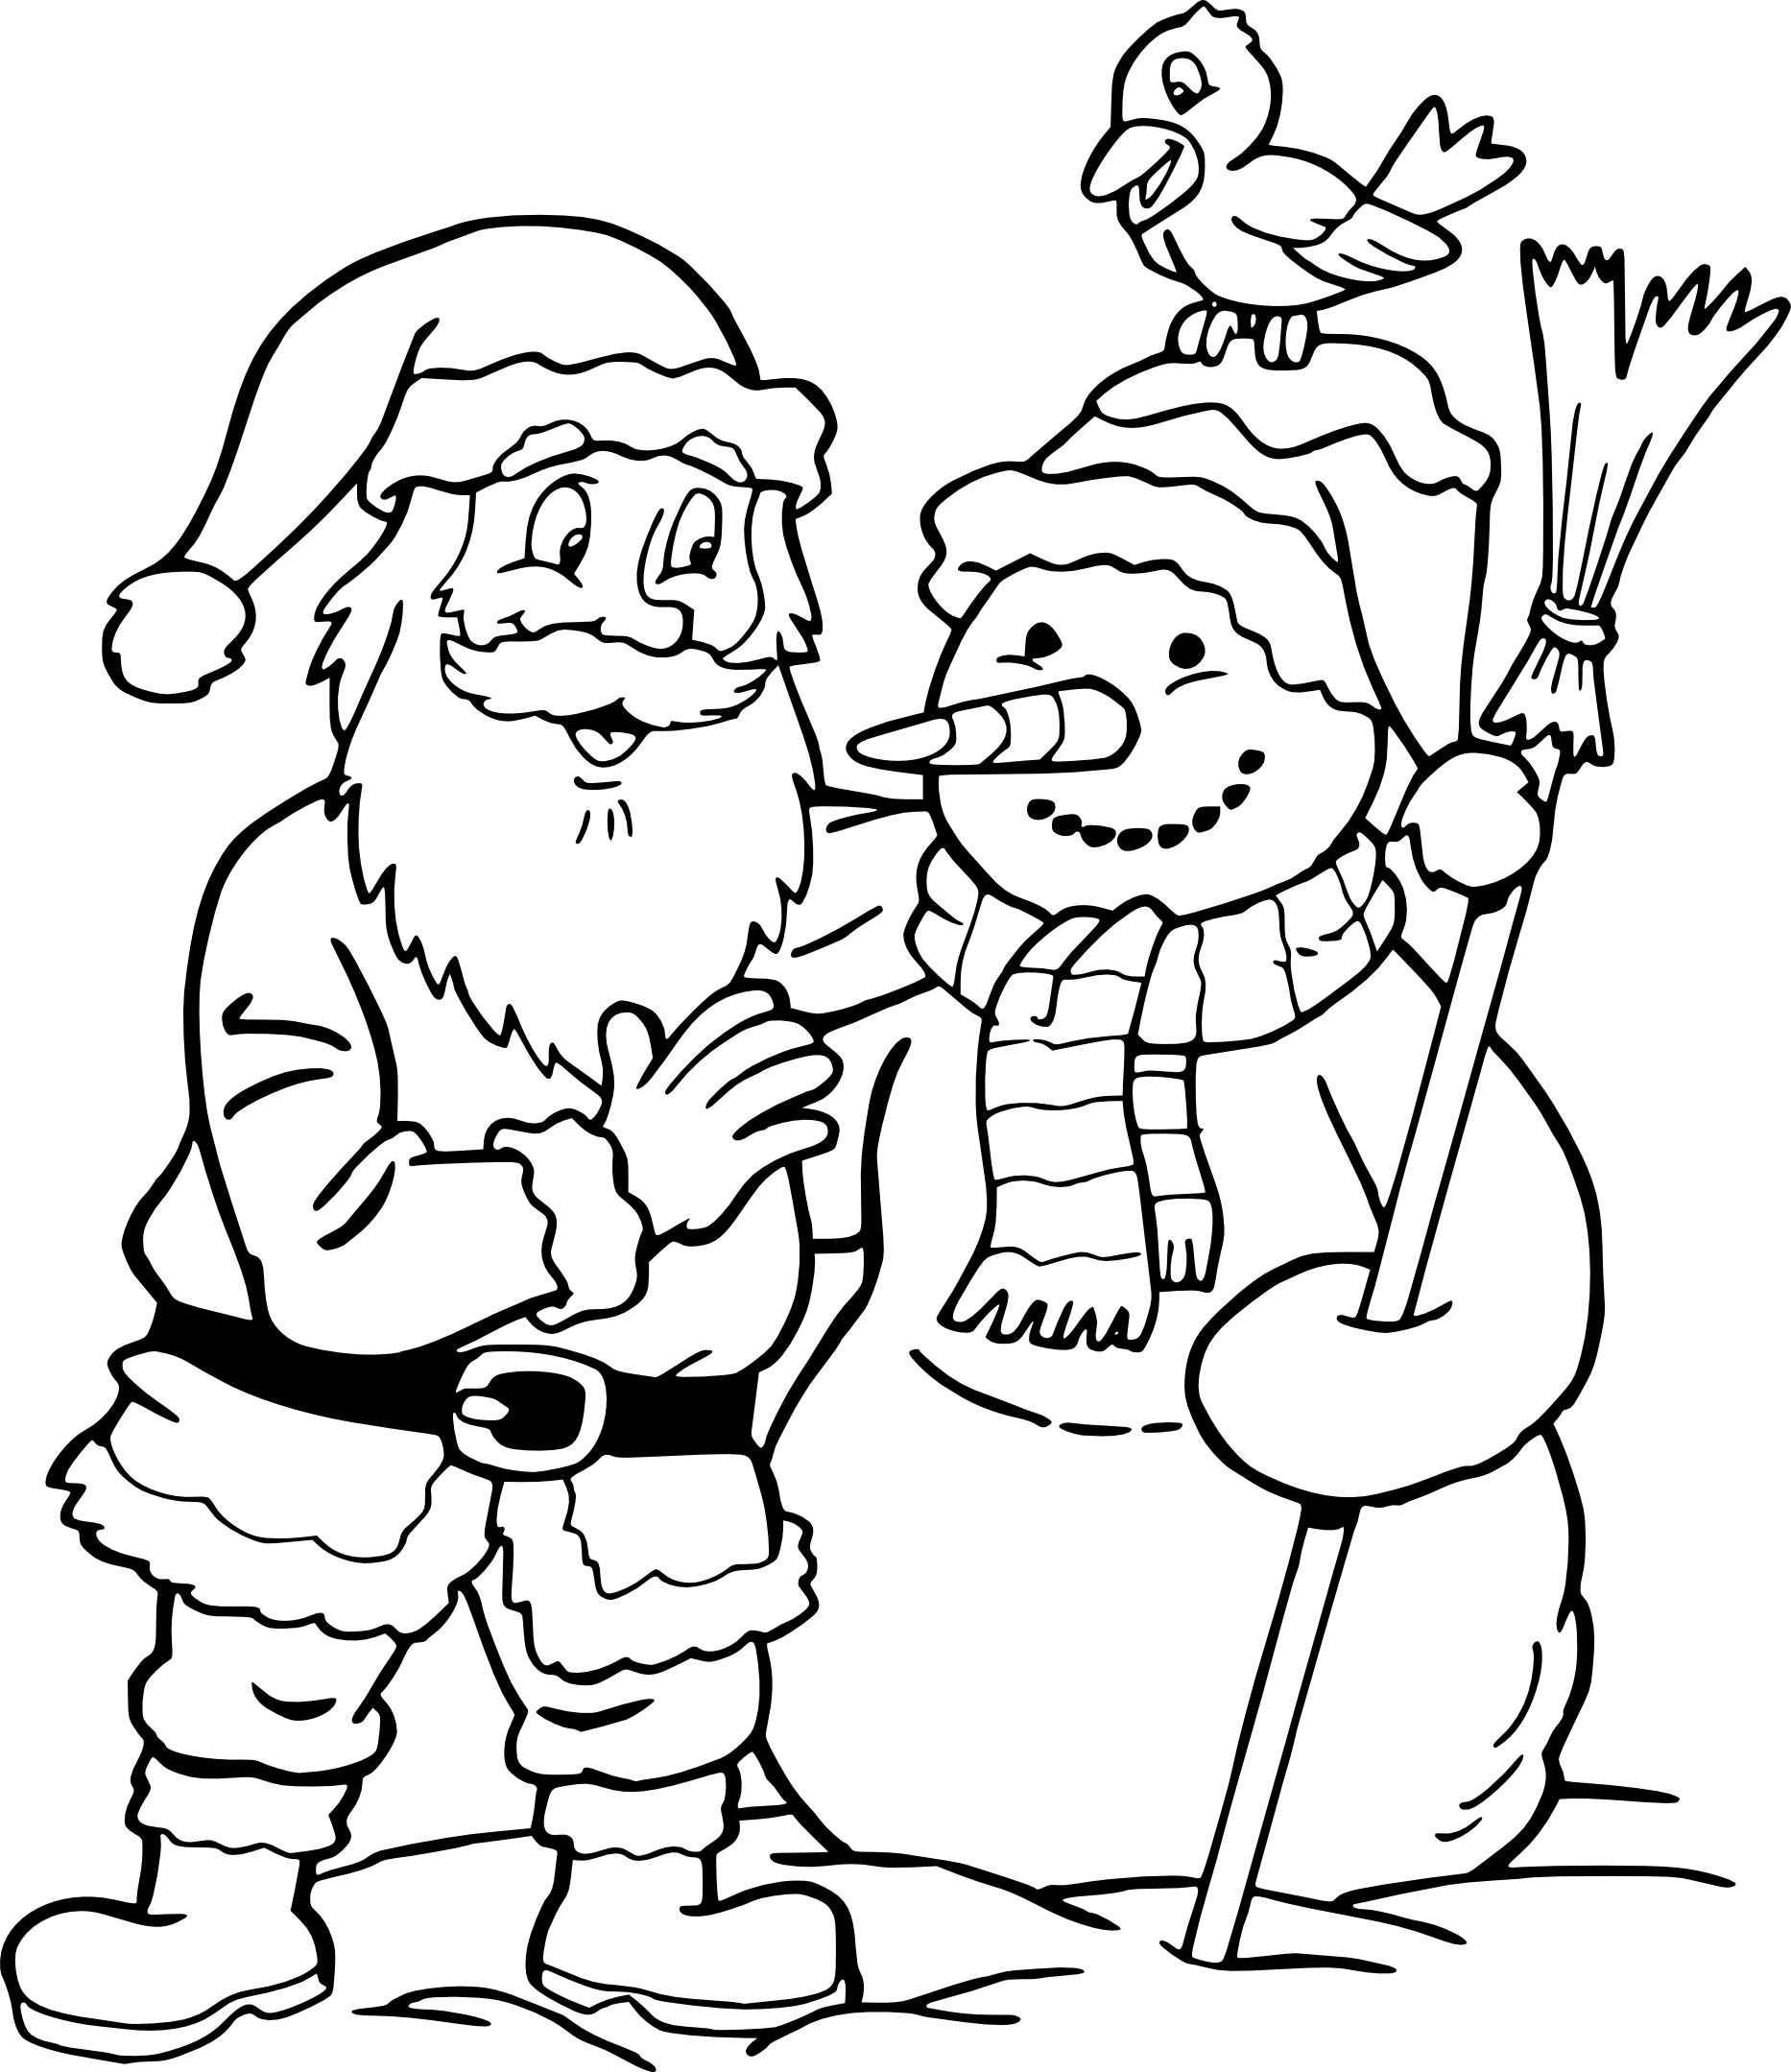 Coloriage Père Noël Et Bonhomme De Neige À Imprimer serapportantà Pere Noel À Colorier Et Imprimer